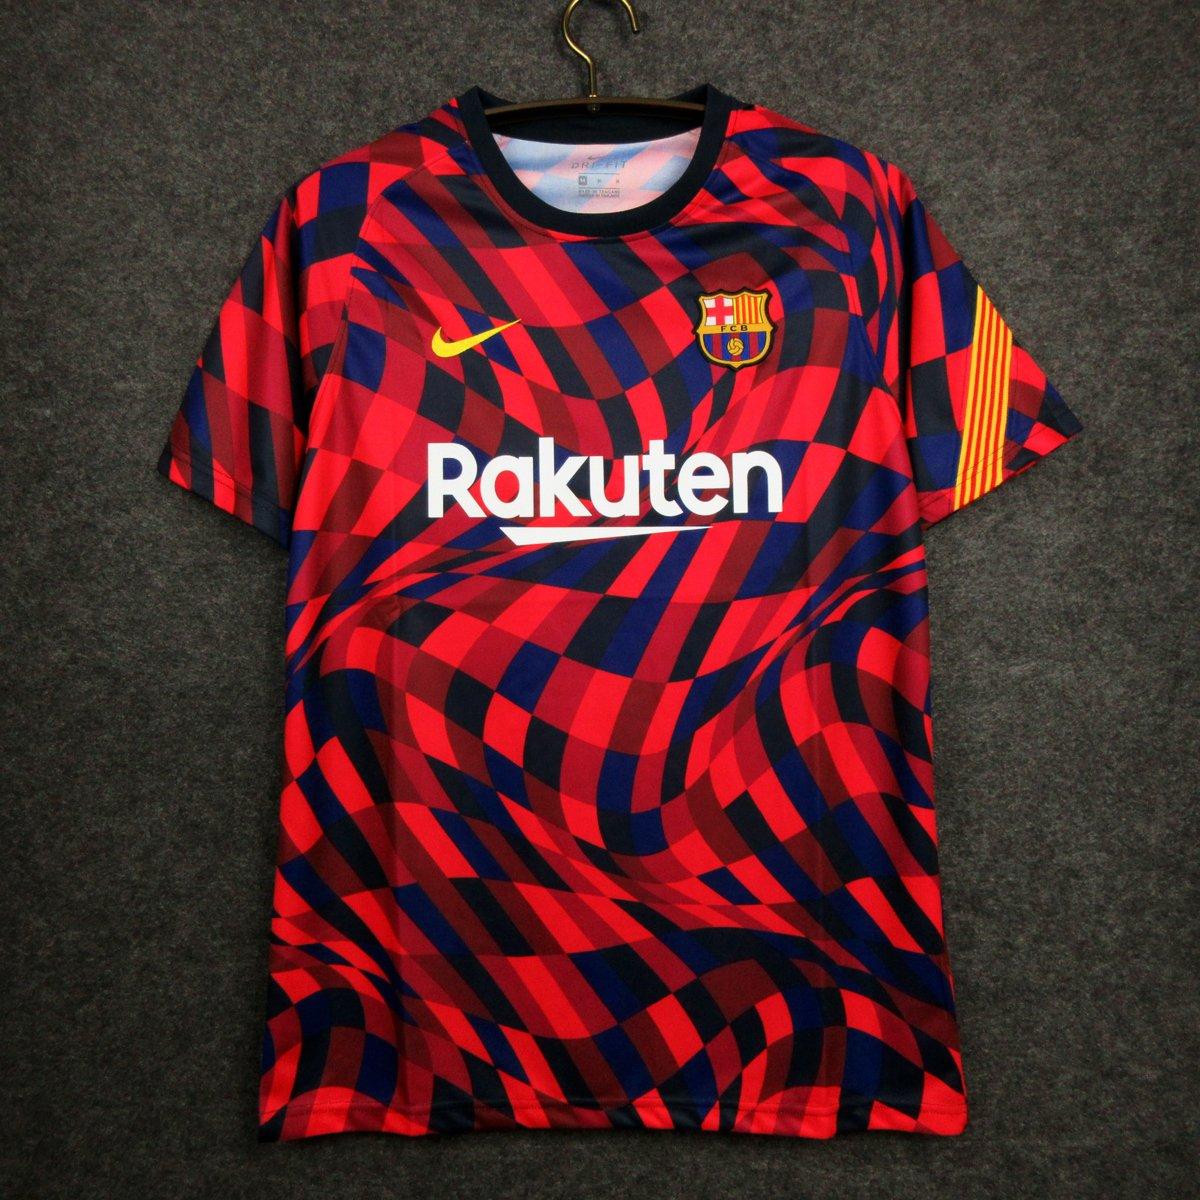 A nova camisa pré-jogo do Barcelona já disponível na nossa loja! 💰 R$139,90 (em até 12x) ⚠️ Frete totalmente grátis 👕 Tamanhos: P, M, G, GG e GGG 🚚 Enviamos código de rastreio 10% DE DESCONTO (via boleto) Acesse: futmais.store/camisa-barcelo…